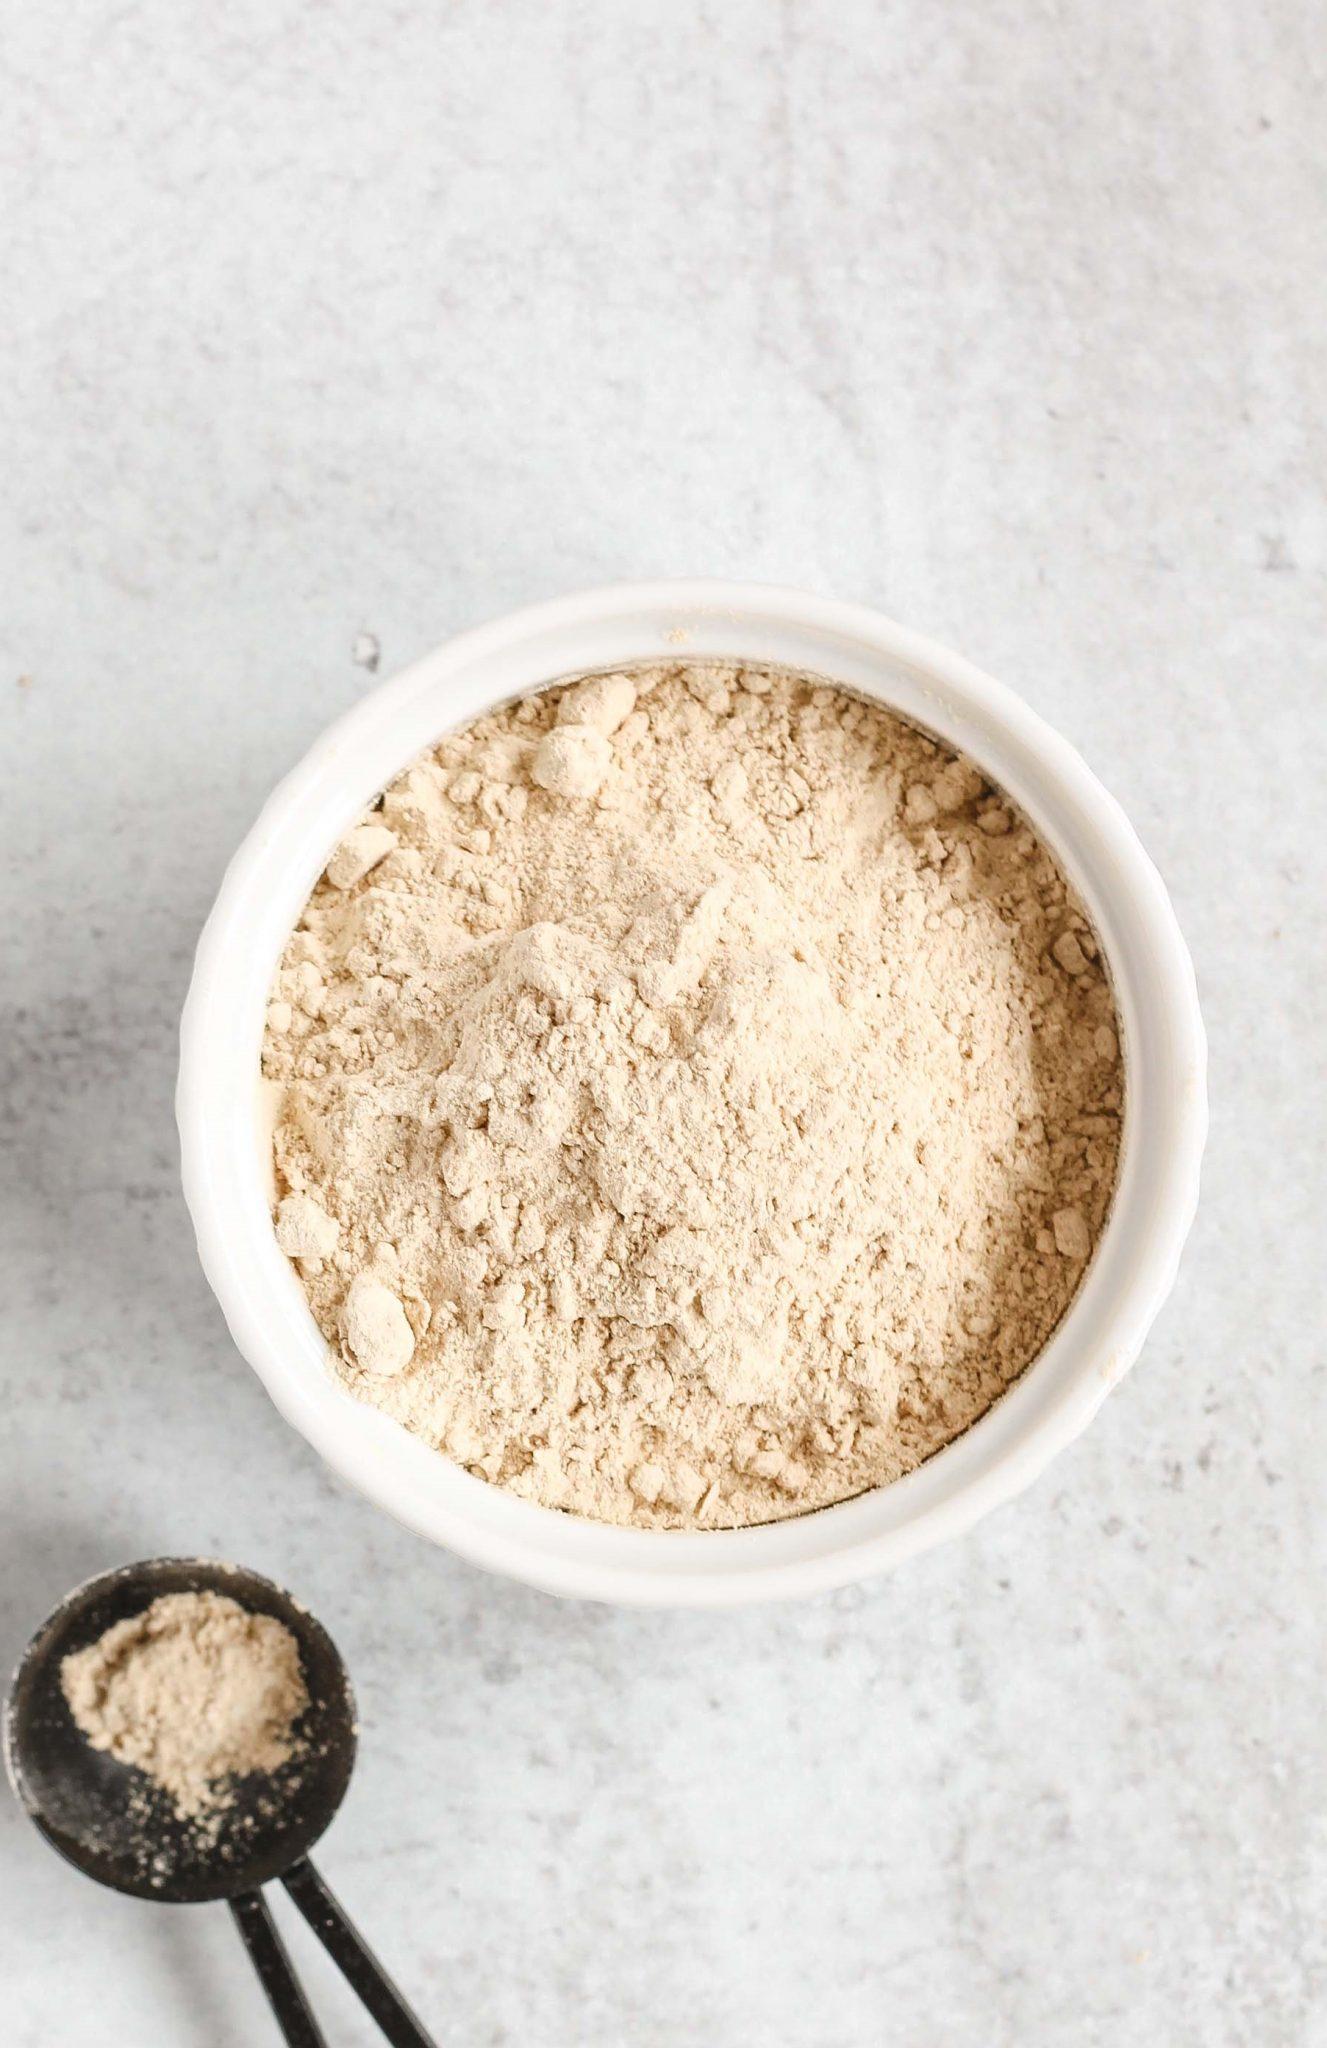 powdered coconut sugar in small white dish